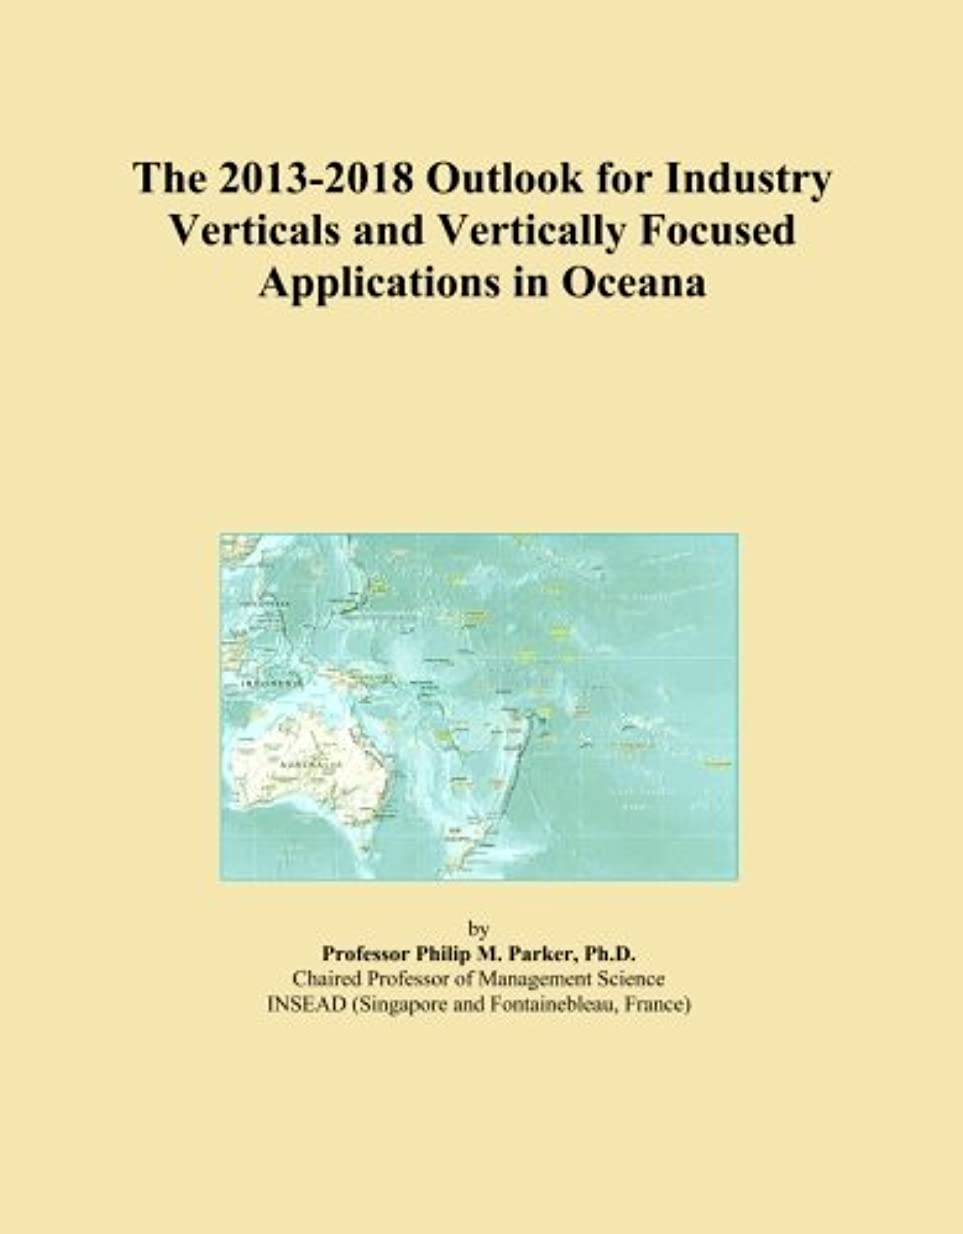 ペデスタル照らす独占The 2013-2018 Outlook for Industry Verticals and Vertically Focused Applications in Oceana